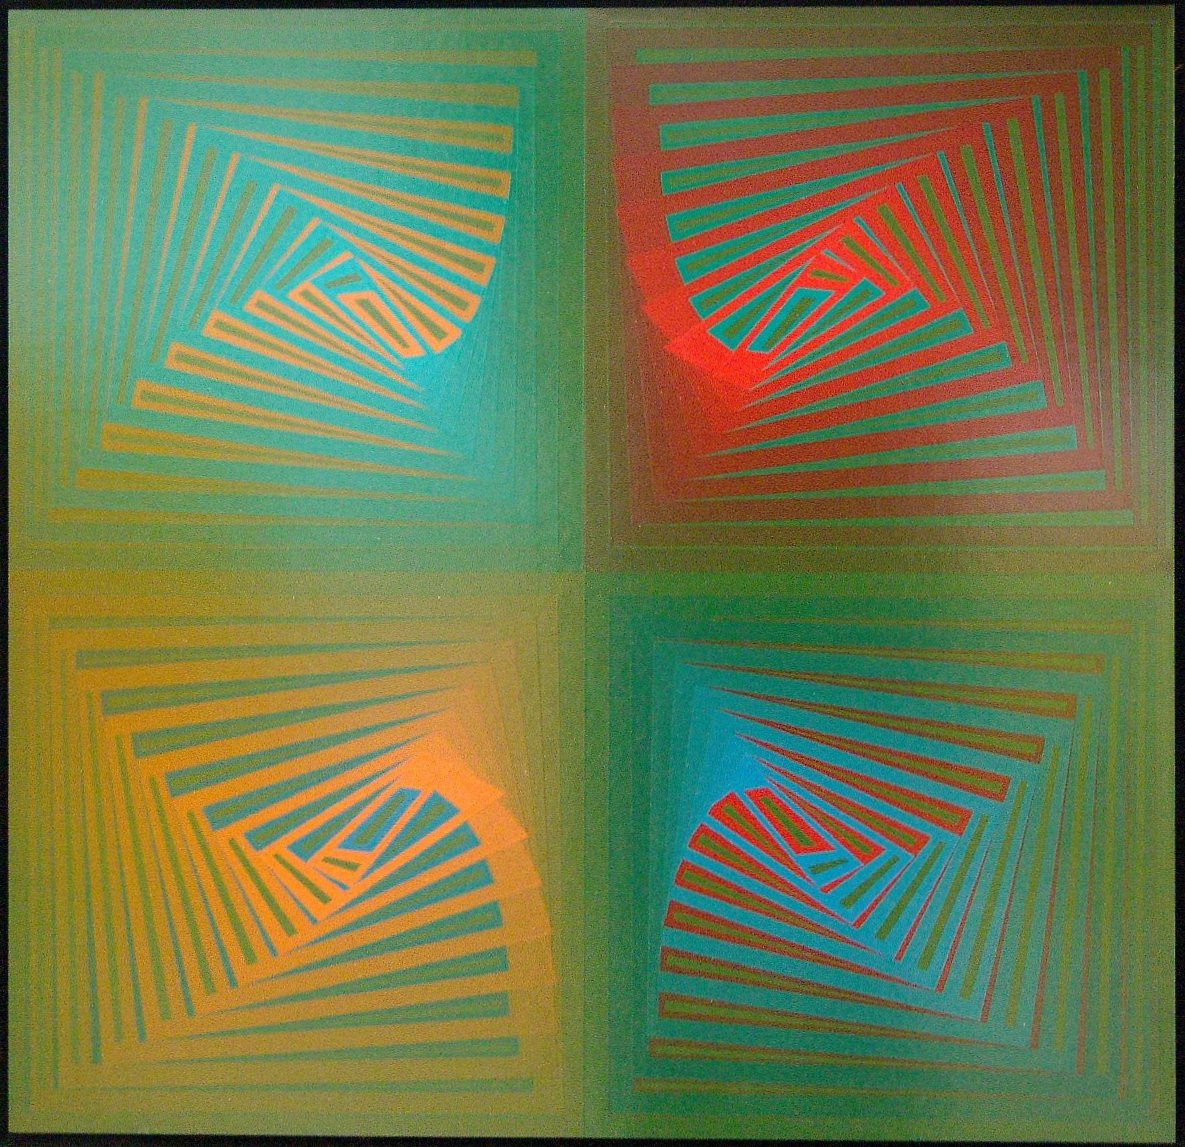 SCHAREIN - 14-i-80, sieb-gedruckt, Auflage 3/10, 1980